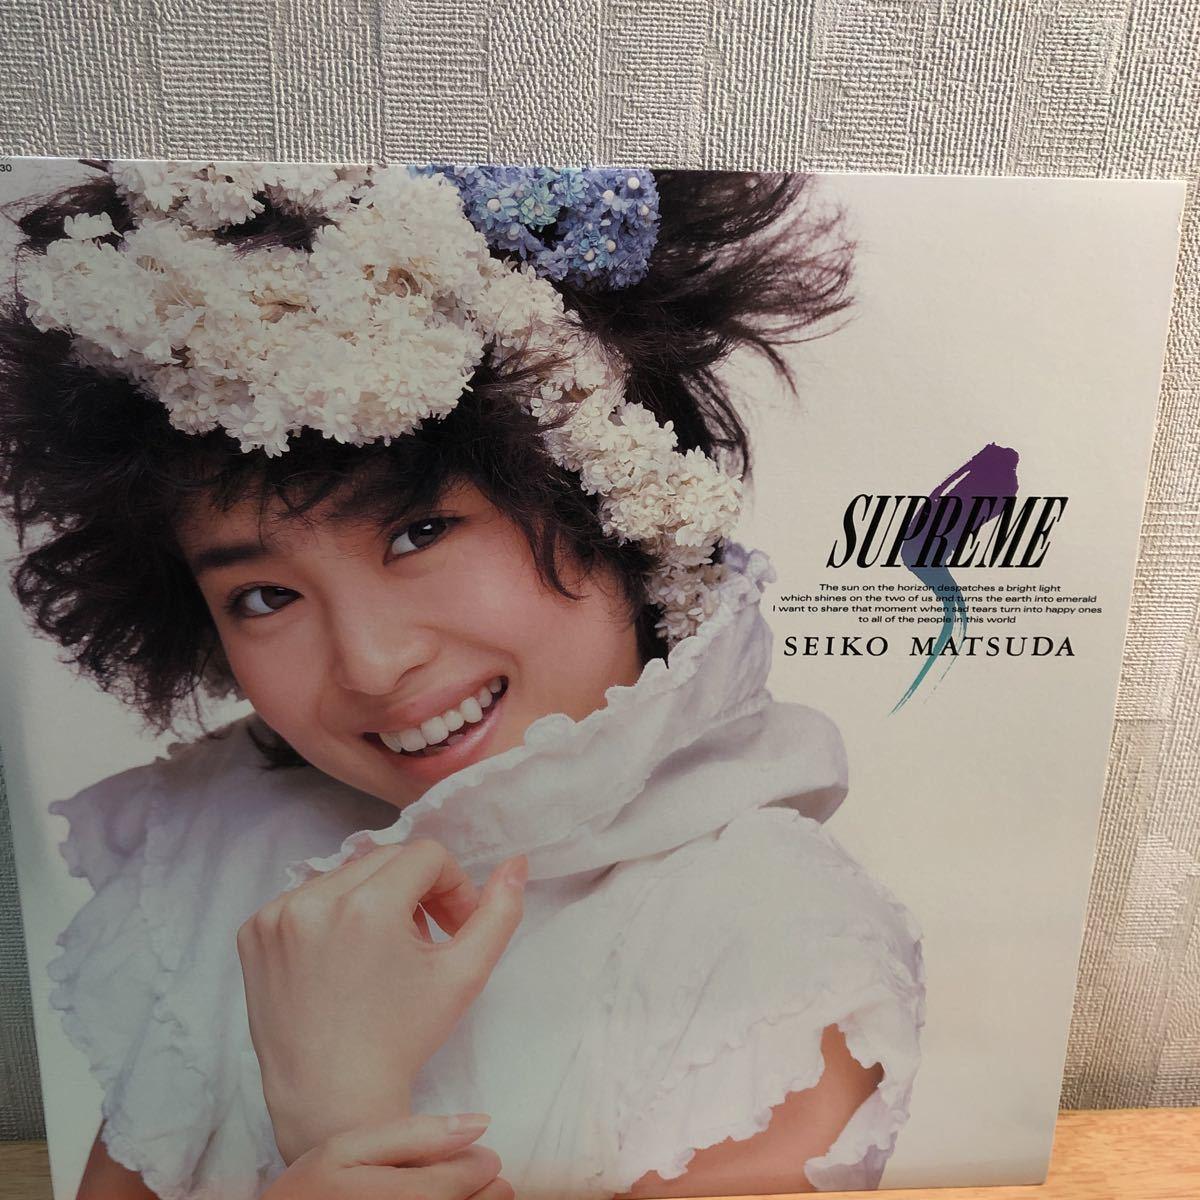 LPレコード★邦楽☆★松田聖子☆★SUPREME_画像1